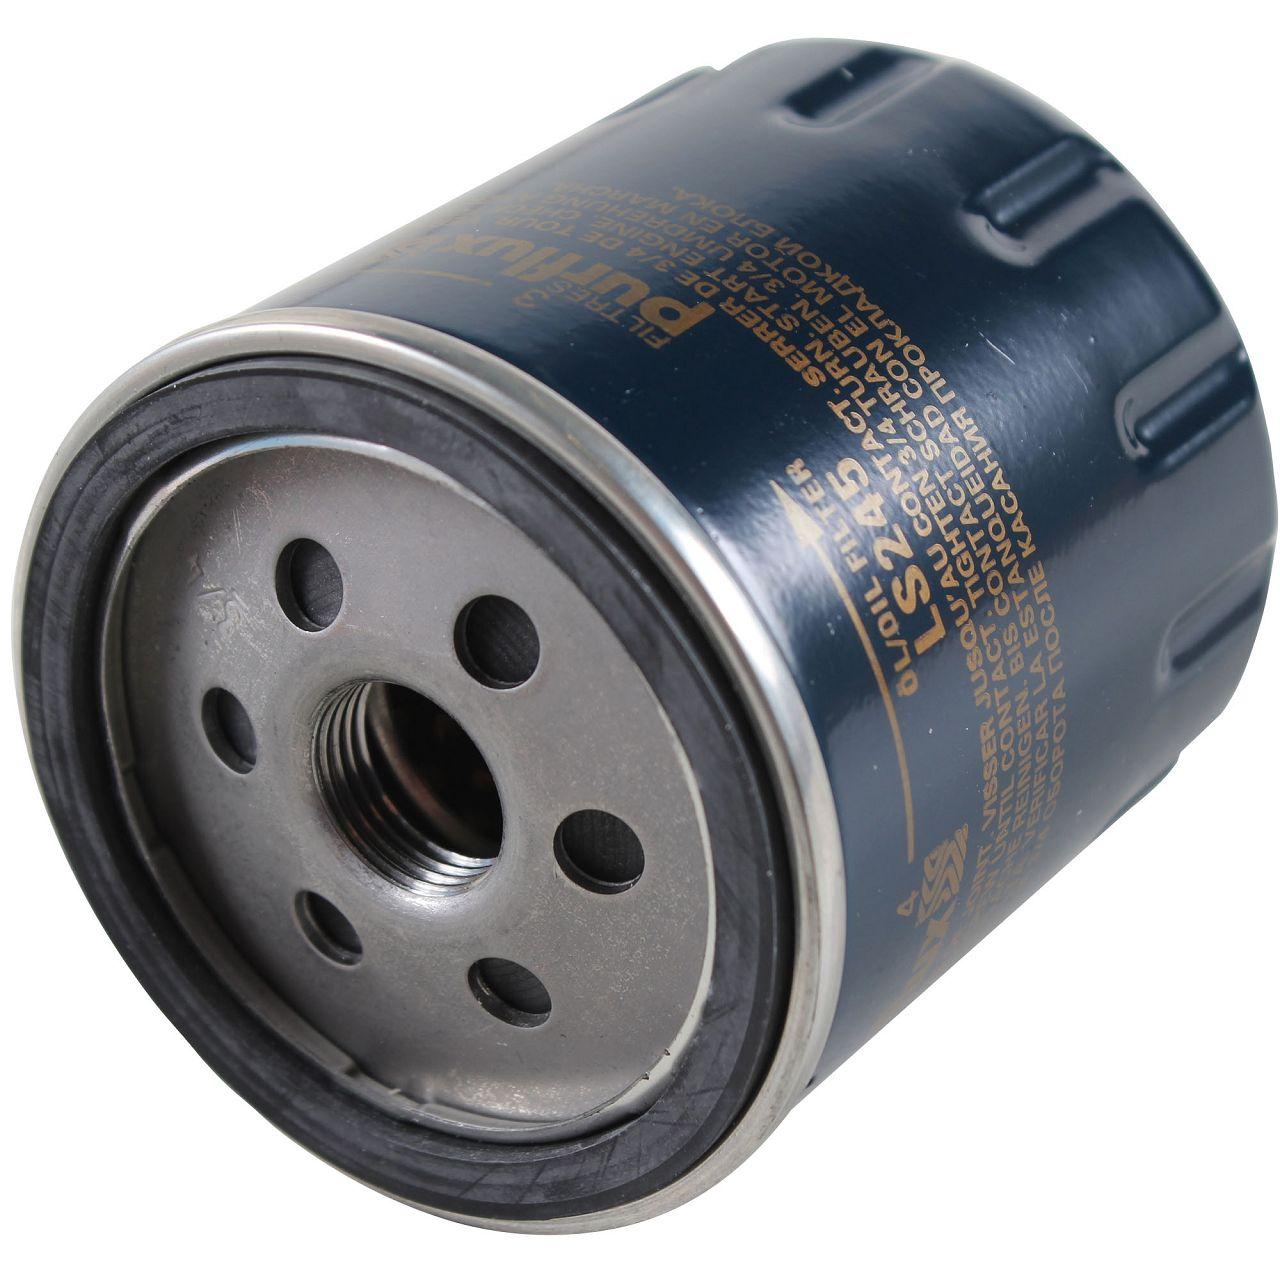 Inspektionskit für VOLVO S60 II S80 II V60 V70 III XC60 2.0 T 203 PS + T5 241 PS